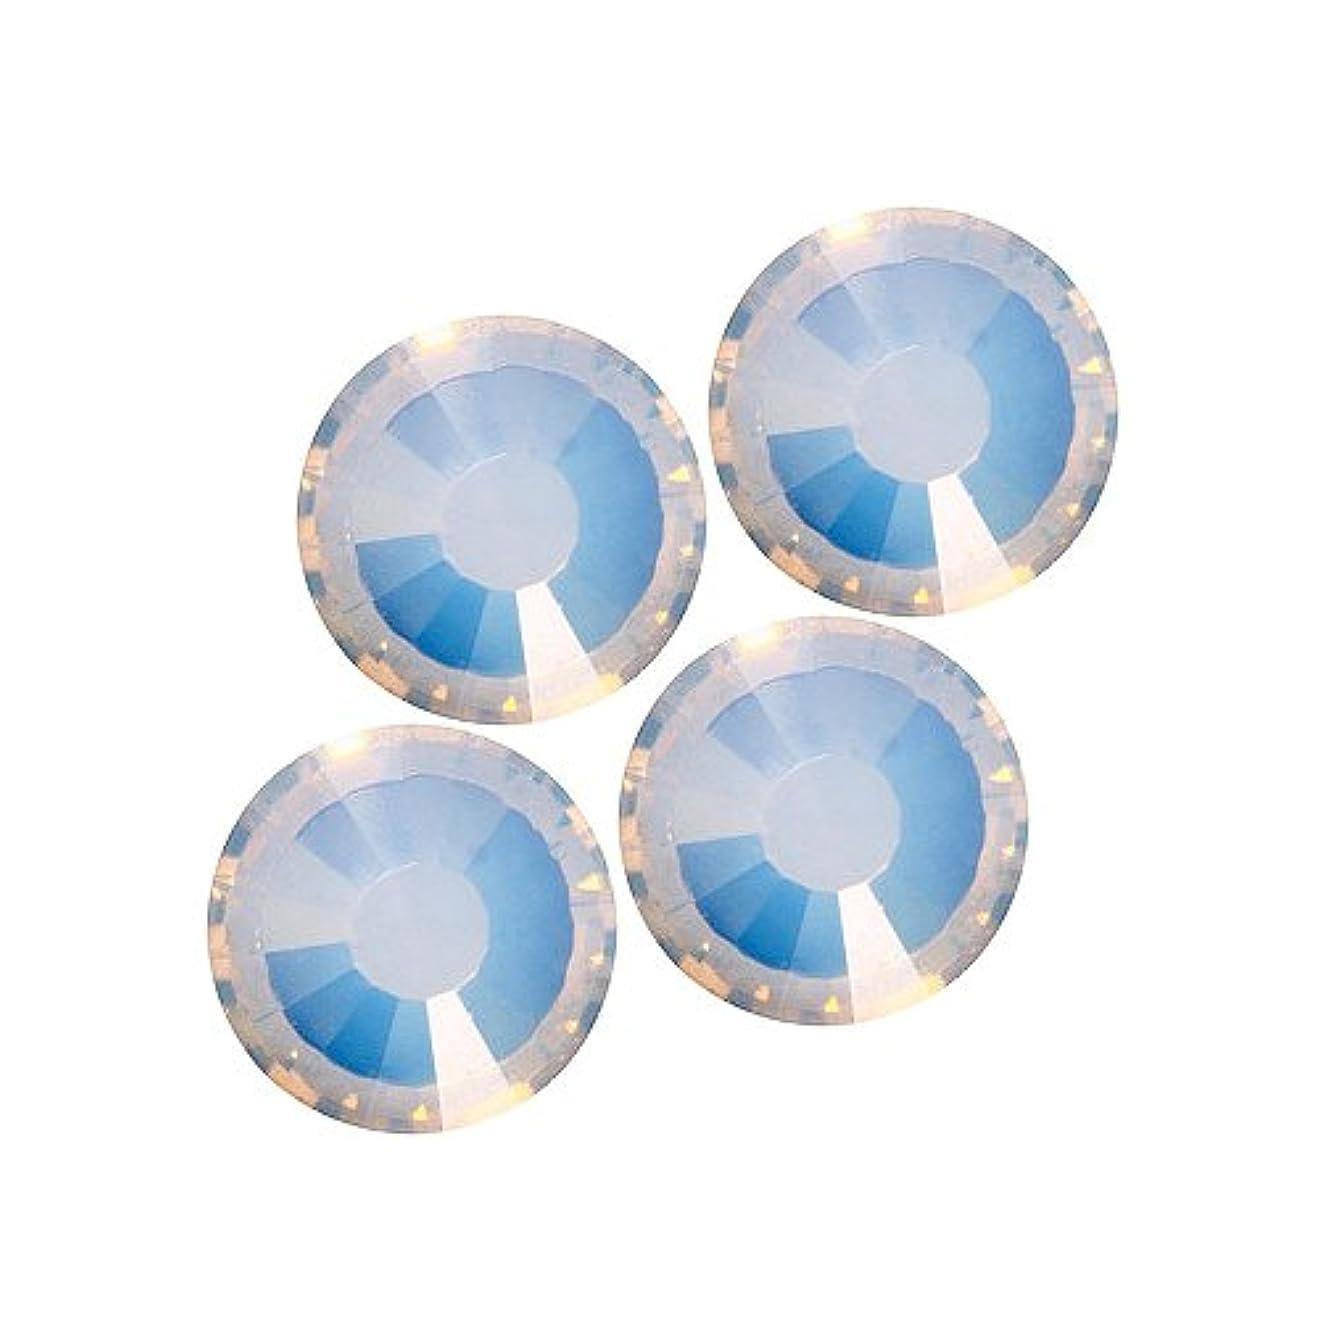 腐敗見物人何かバイナル DIAMOND RHINESTONE ホワイトオパールSS8 1440粒 ST-SS8-WHO-10G